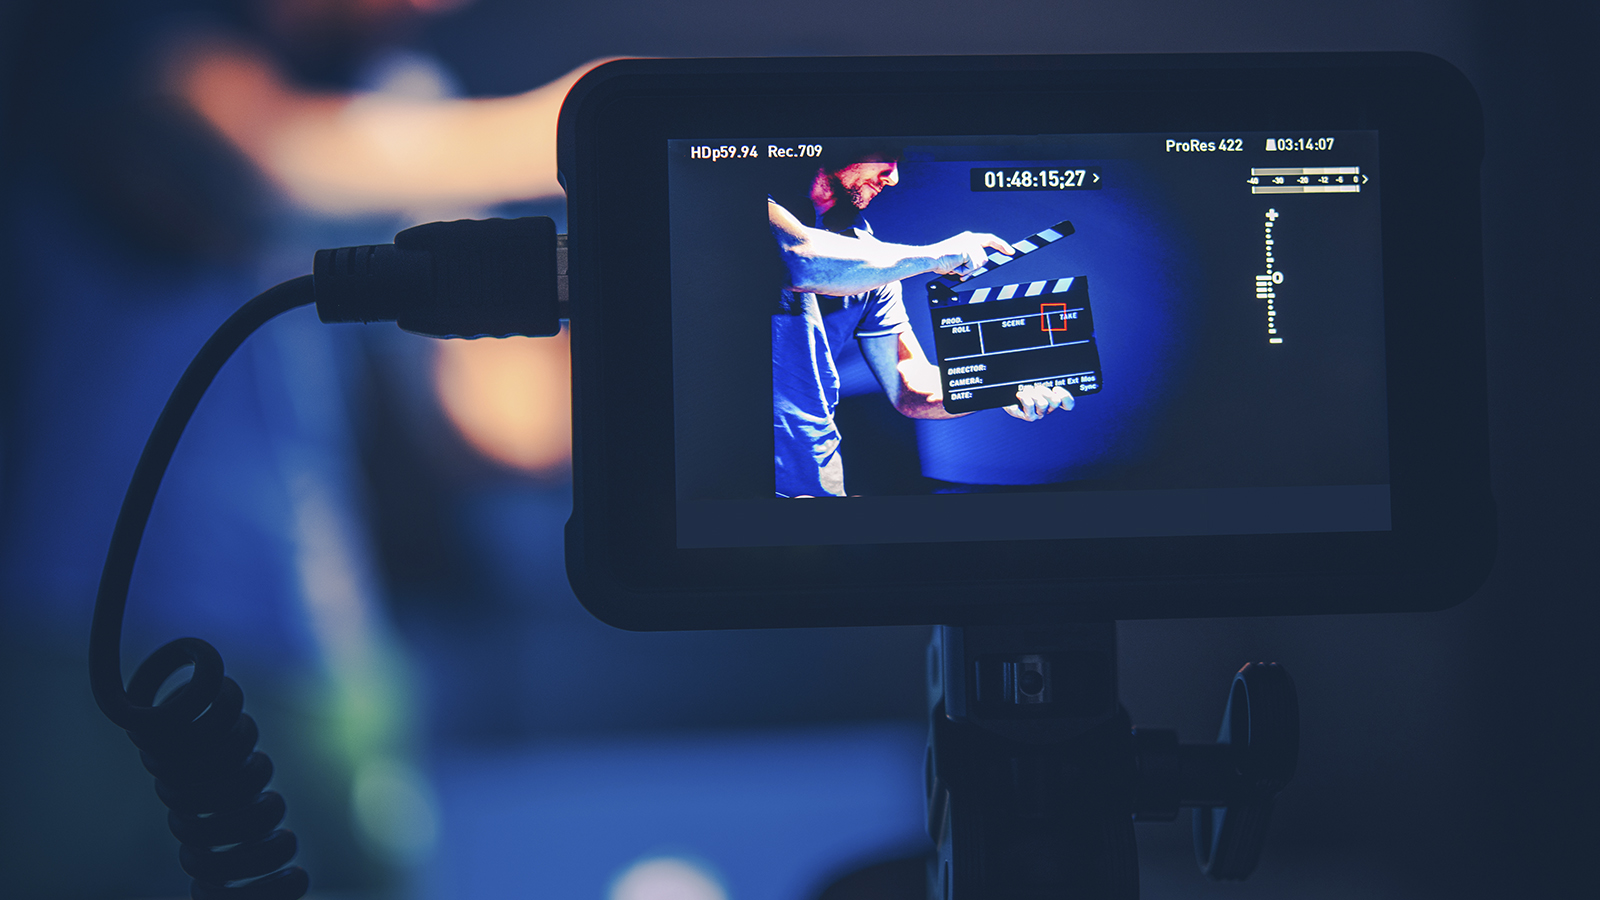 Como uma produtora de video apoia sua estrategia de marketing 2 - Como uma produtora de vídeo apoia sua estratégia de marketing?